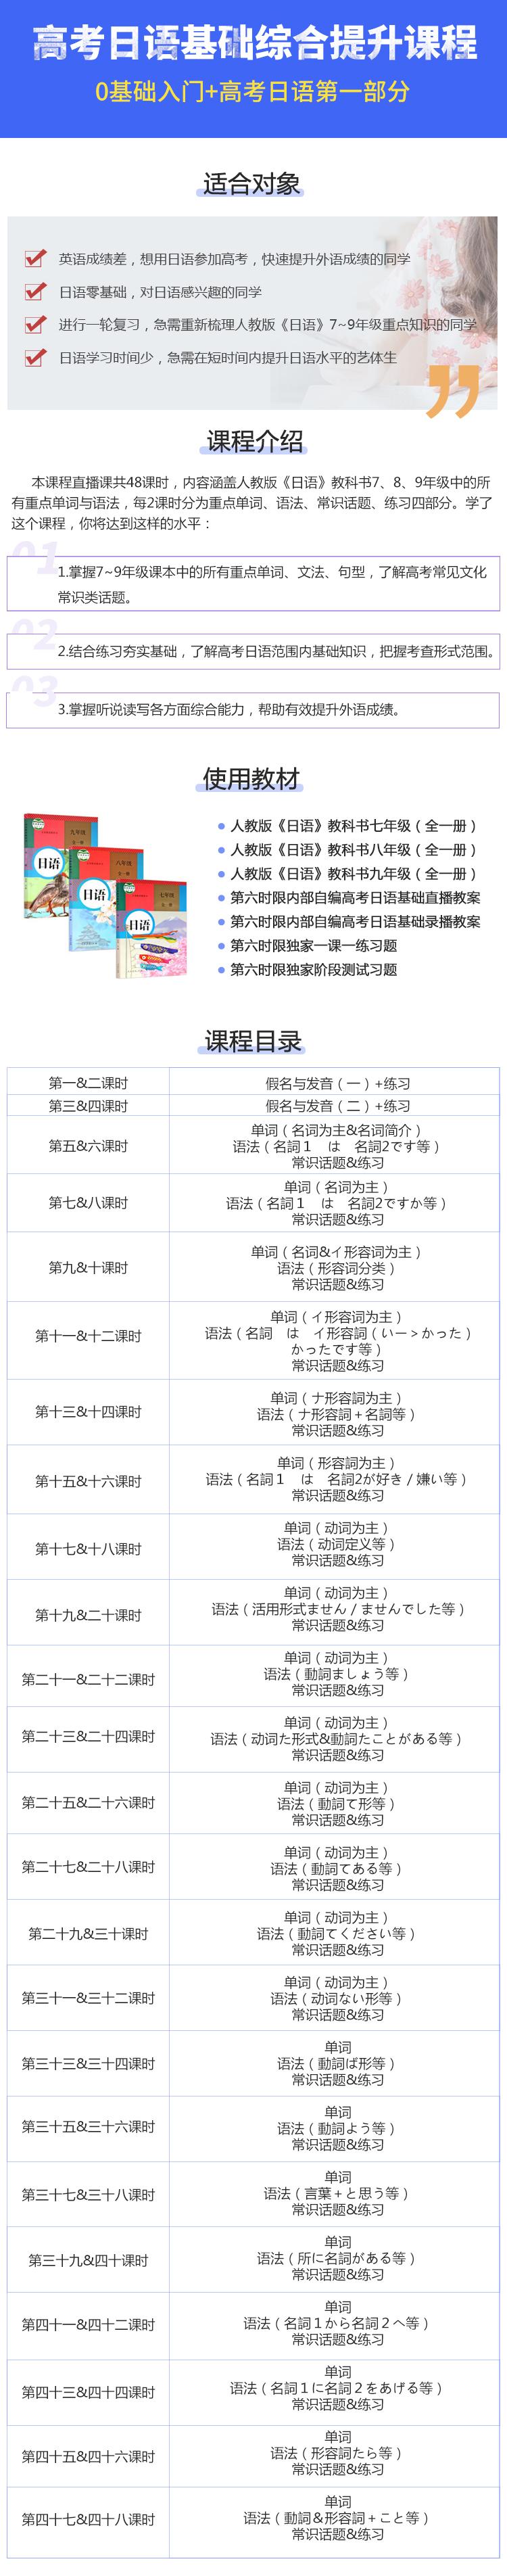 高考日语基础综合提升课程介绍(1).jpg